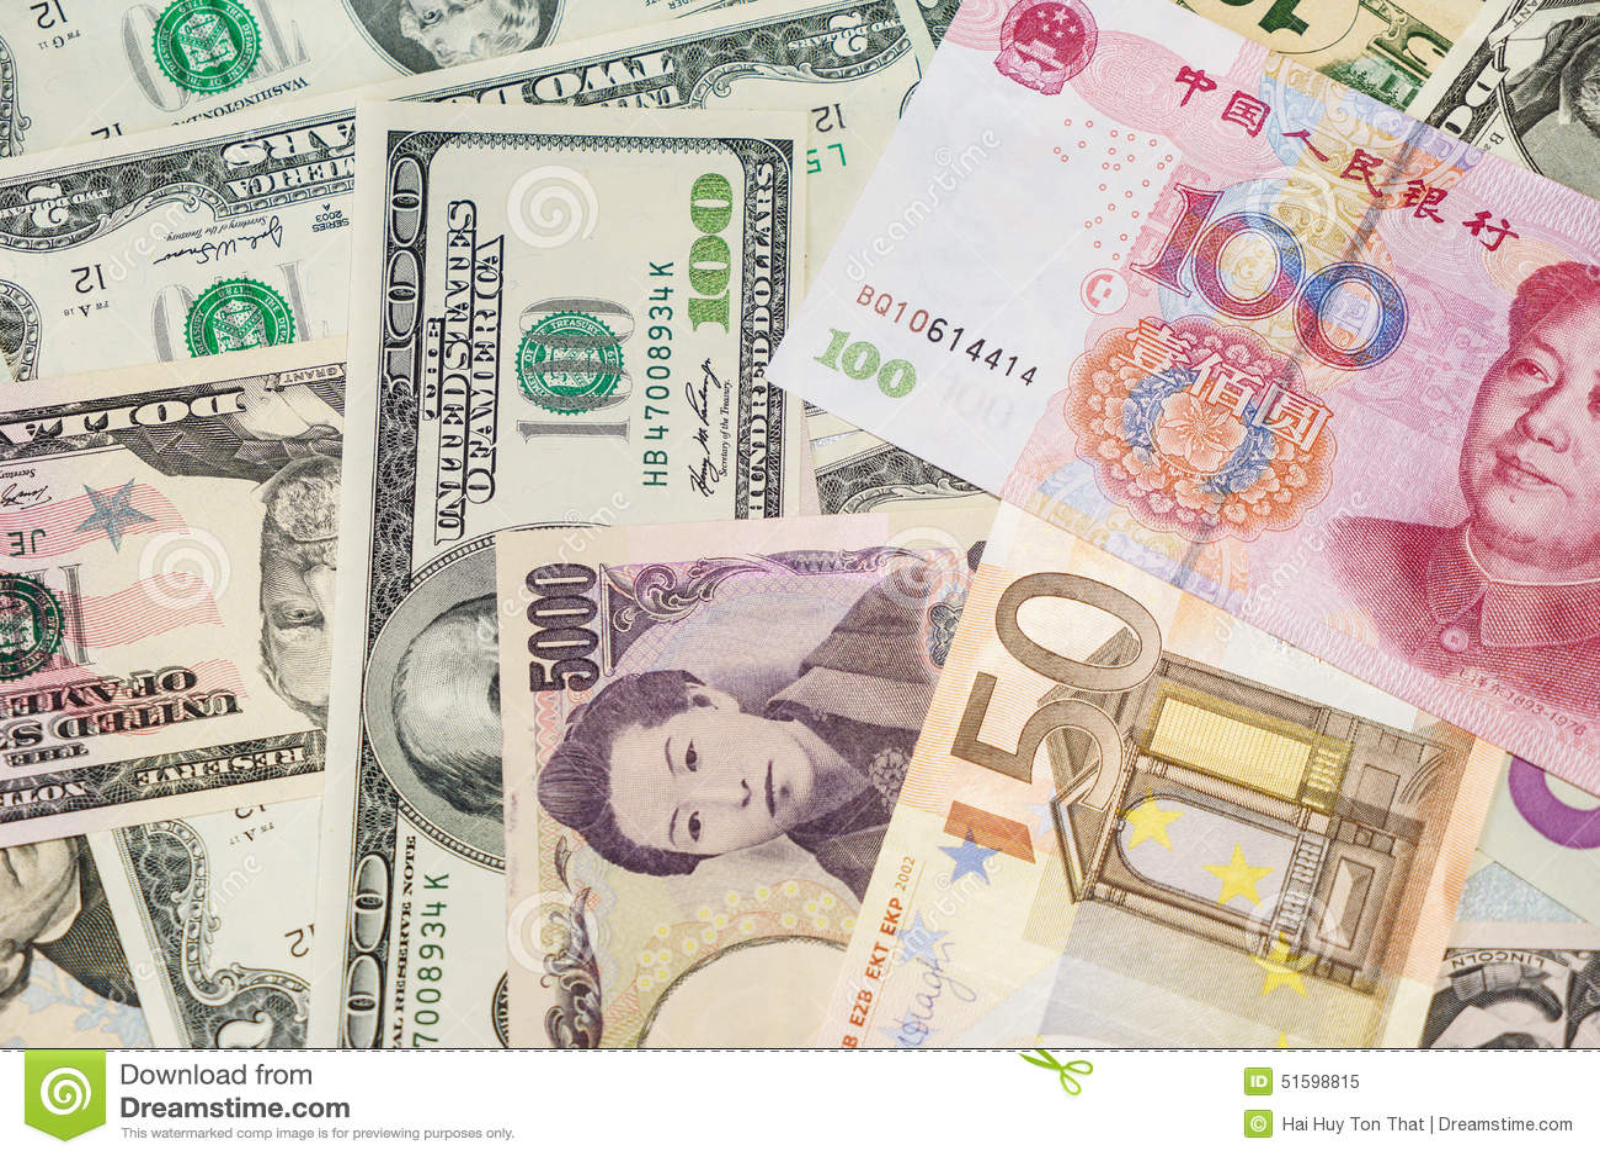 拍钱的照片_美国美元,欧洲欧元,日元和中国元 被拍的照片:2015年2月25日,.